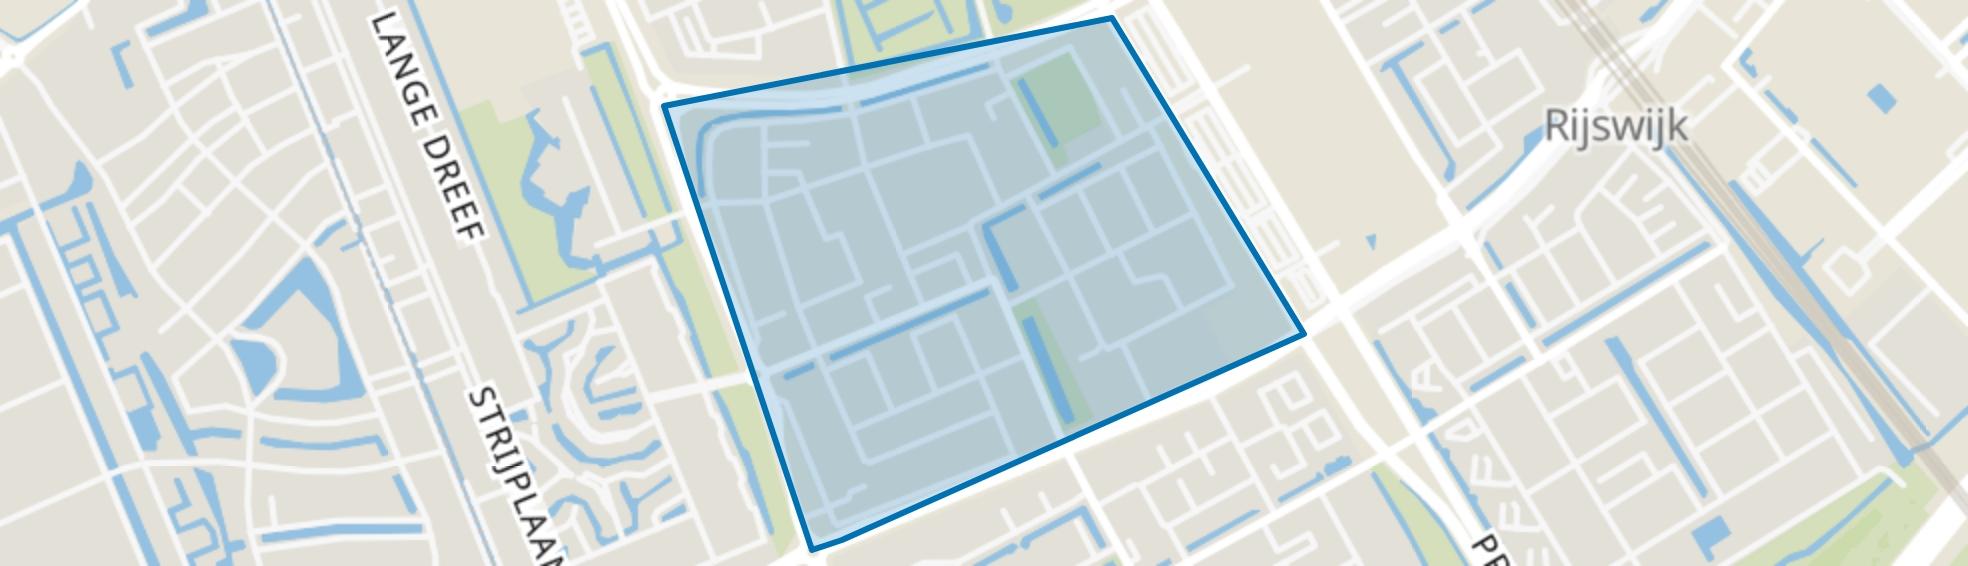 Ministerbuurt, Rijswijk (ZH) map